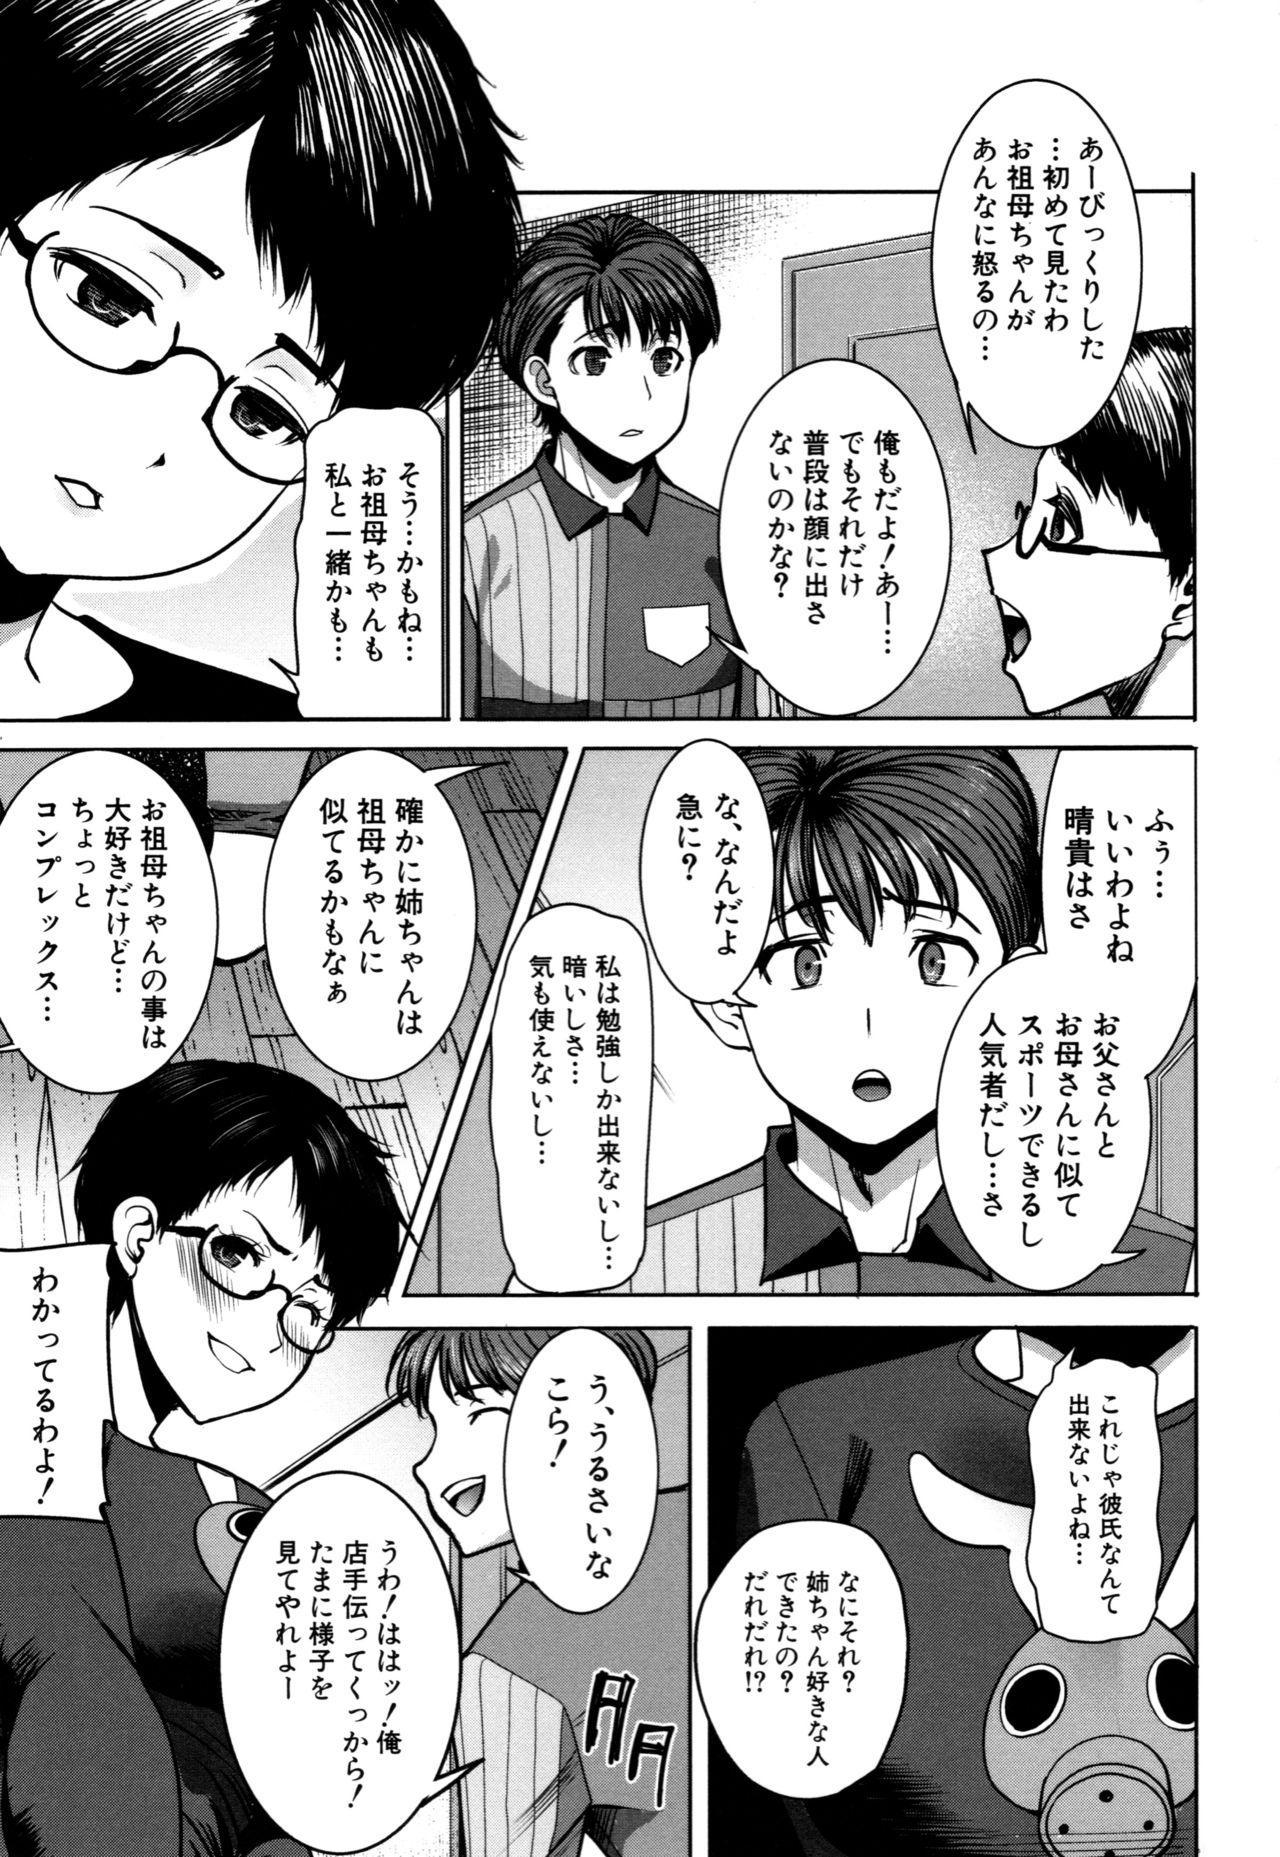 Unsweet - Asahina Ikka Netorareta Haha · Tomoko 108